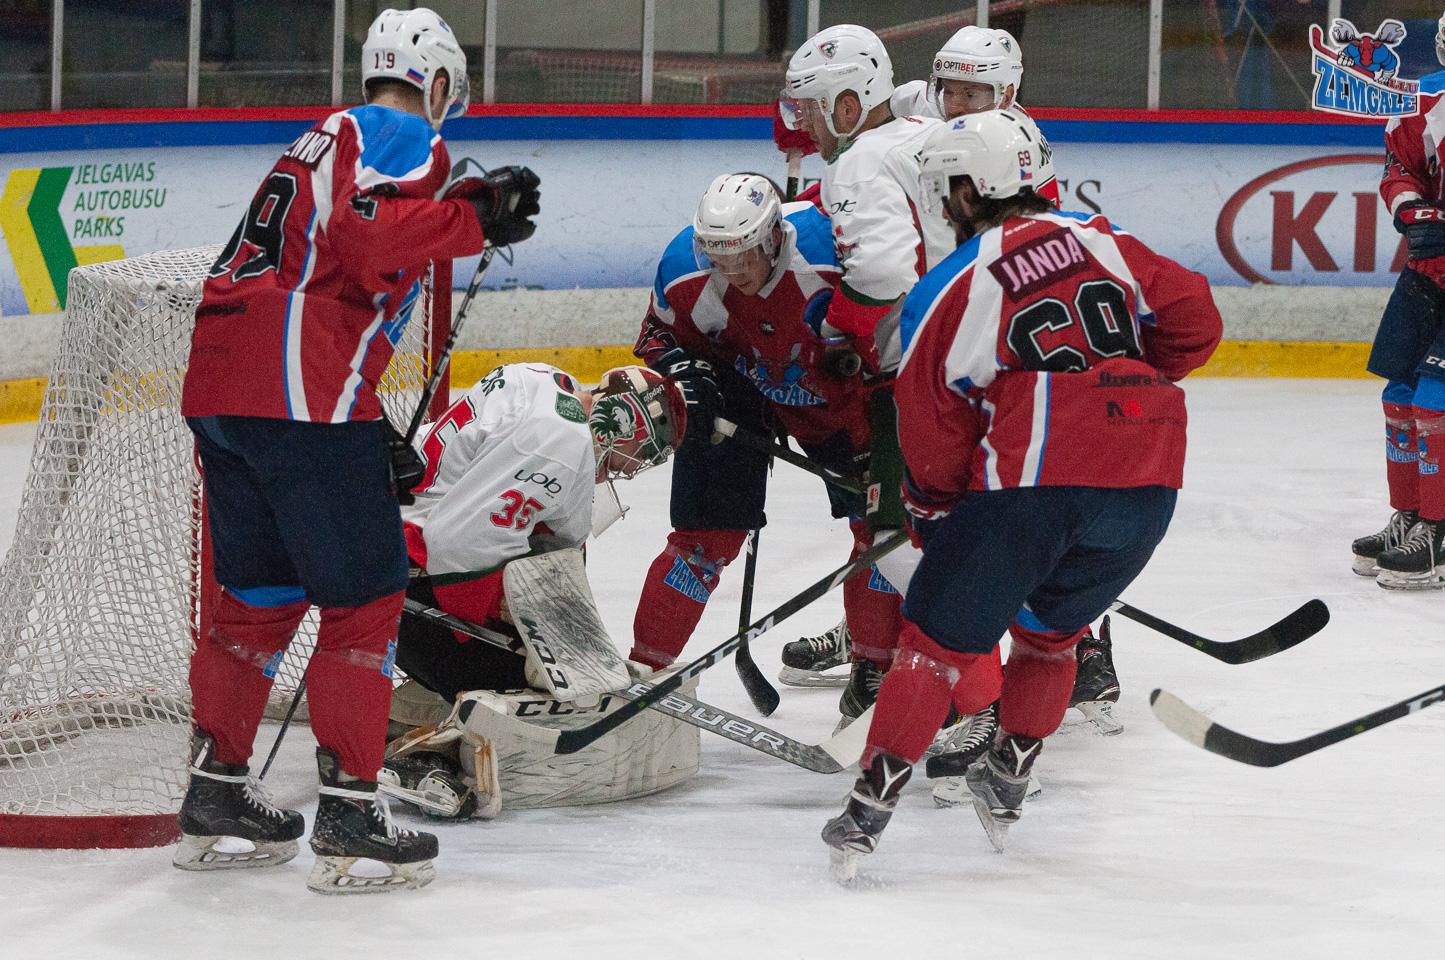 """Optibet hokeja līgas regulārā čempionāta spēle starp HK """"Zemgale/LLU"""" un HK """"Liepāja"""" Jelgavas ledus hallē 2019. gada 7. decembrī."""